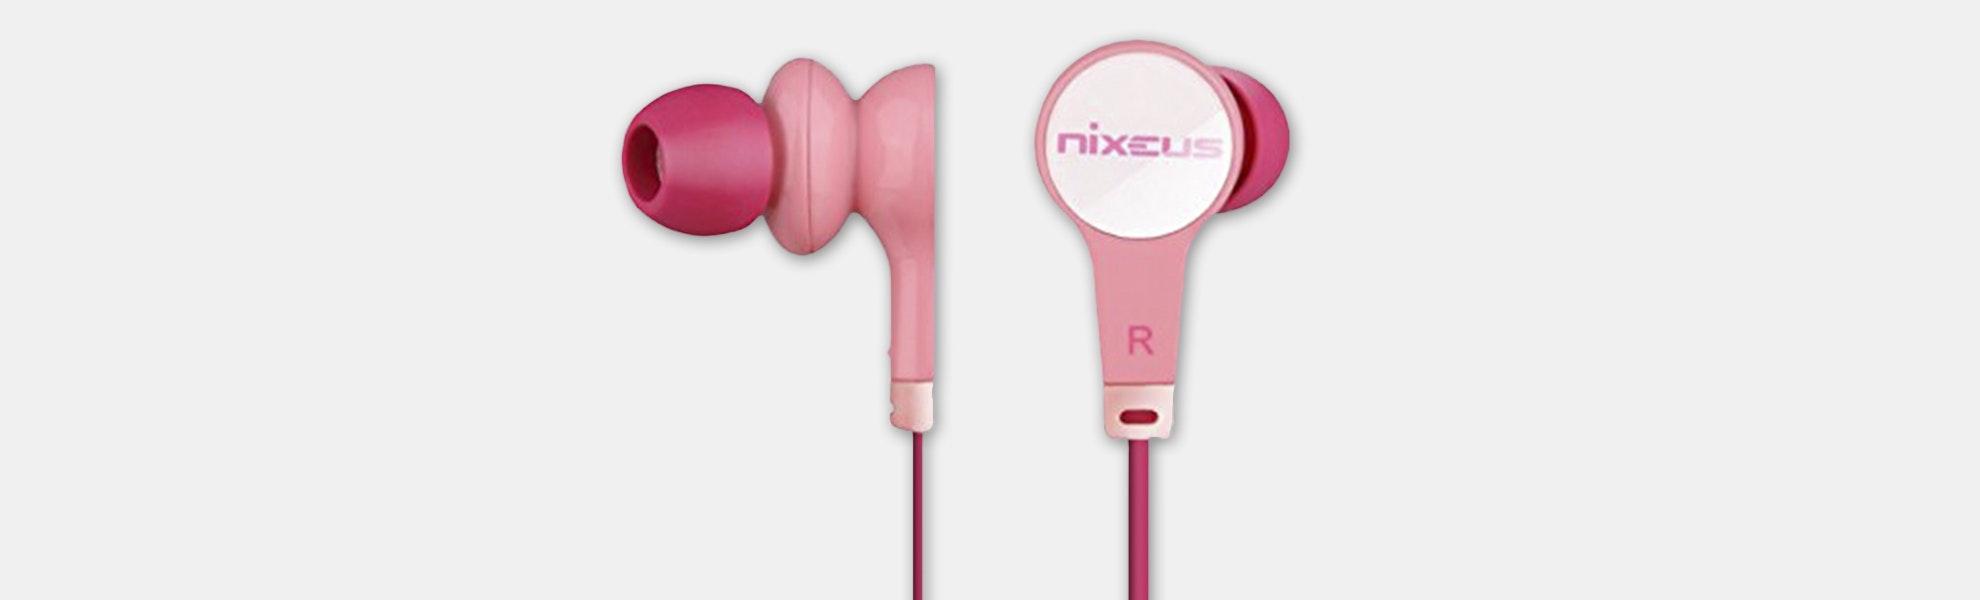 Nixeus ER-PINK14 Earphones